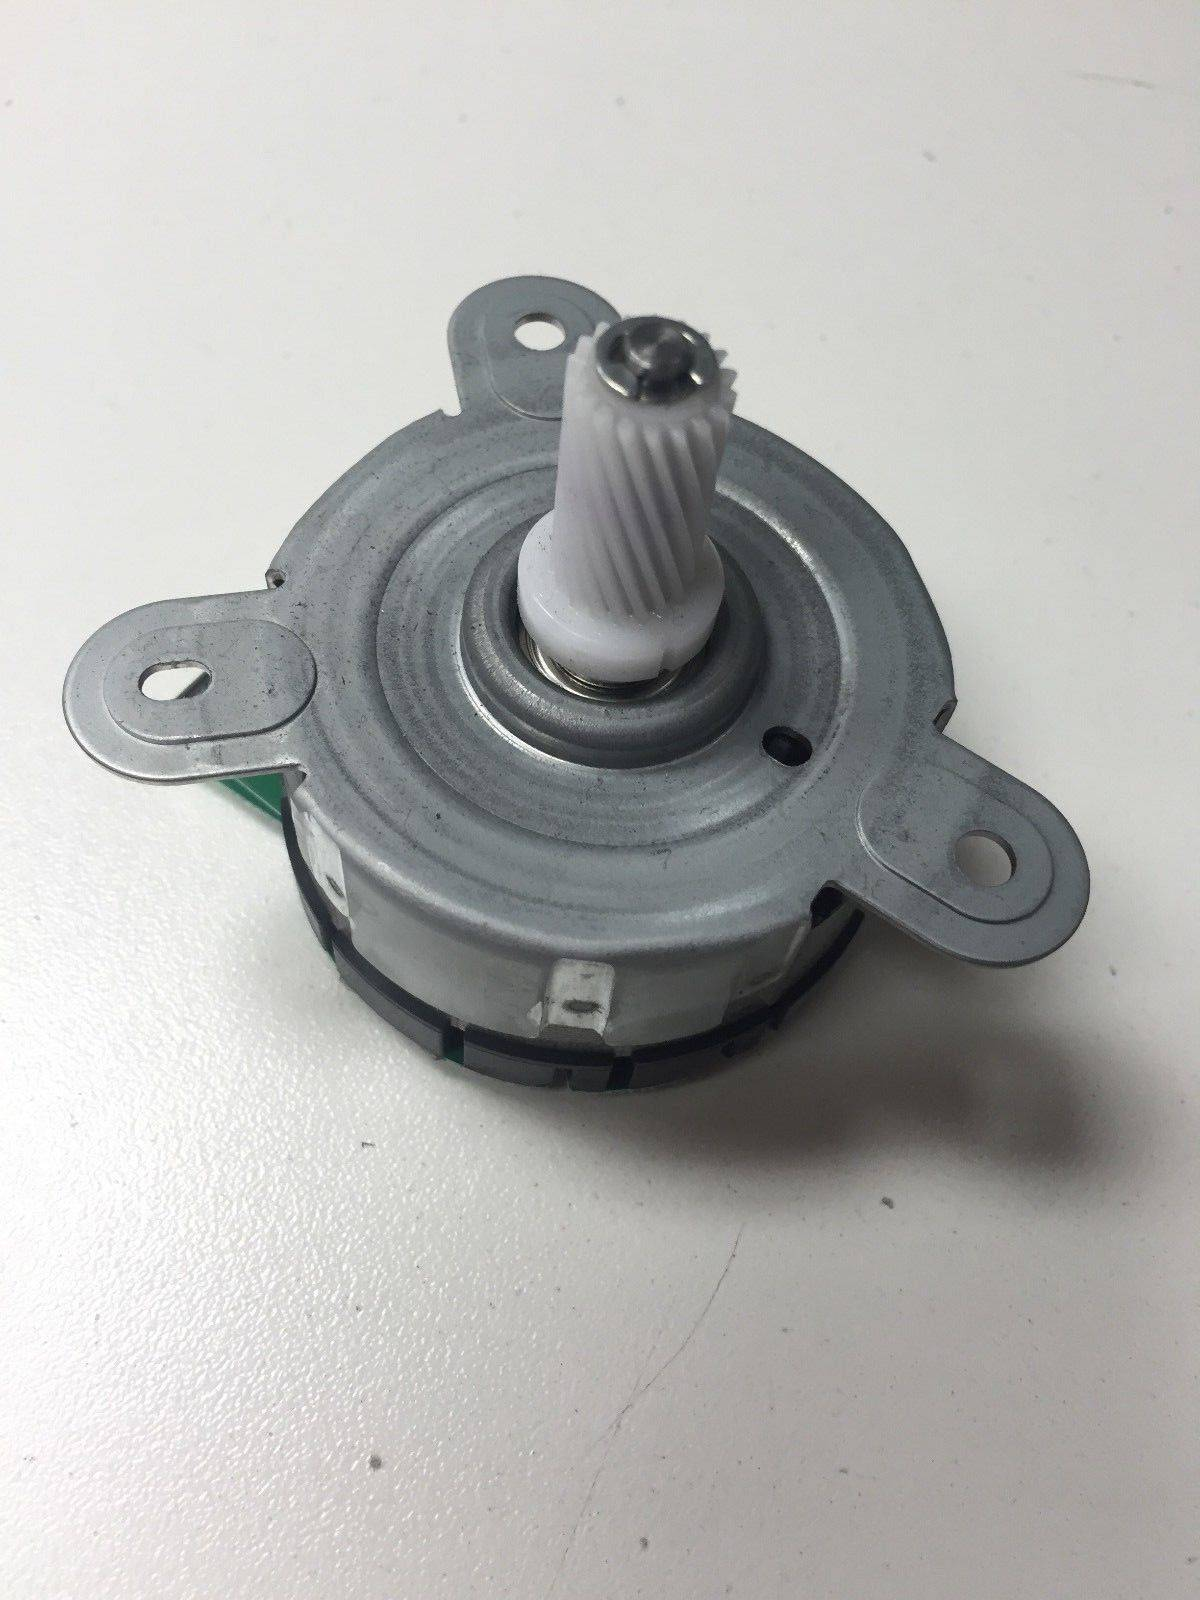 Фото Мотор привода подачи лотков 1,2 HP LJ M601, M602, M603 (RM1-8285, RM1-8286)